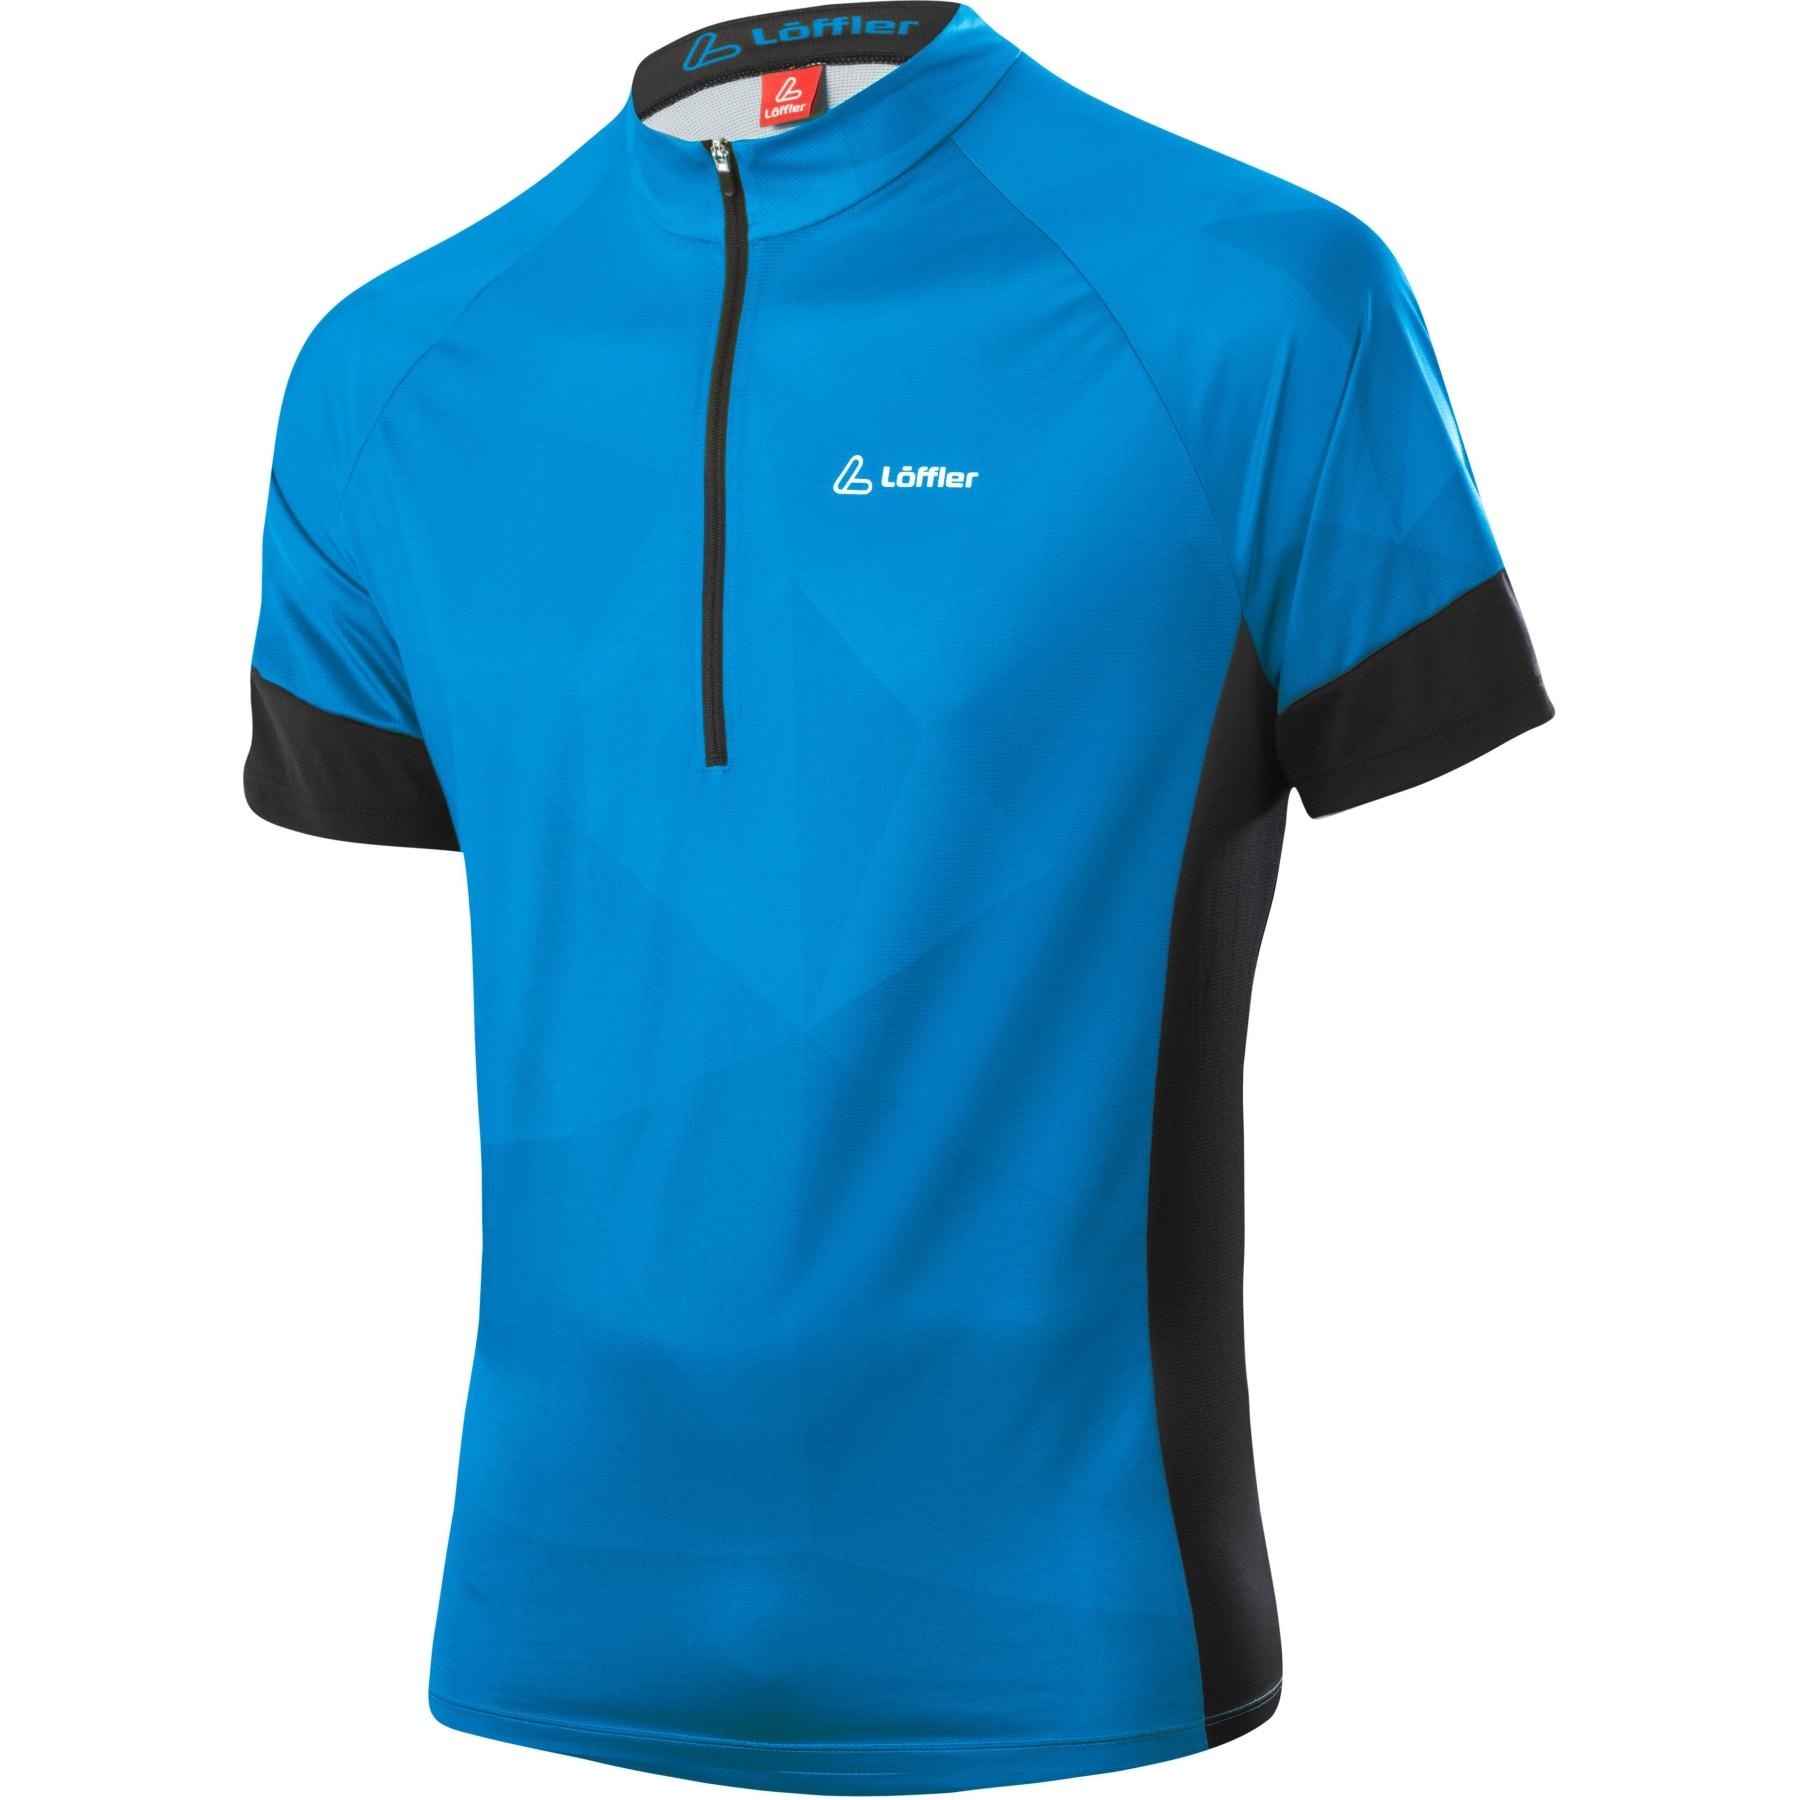 Bild von Löffler Bike Shirt HZ Rocks 24608 - blue lake 426